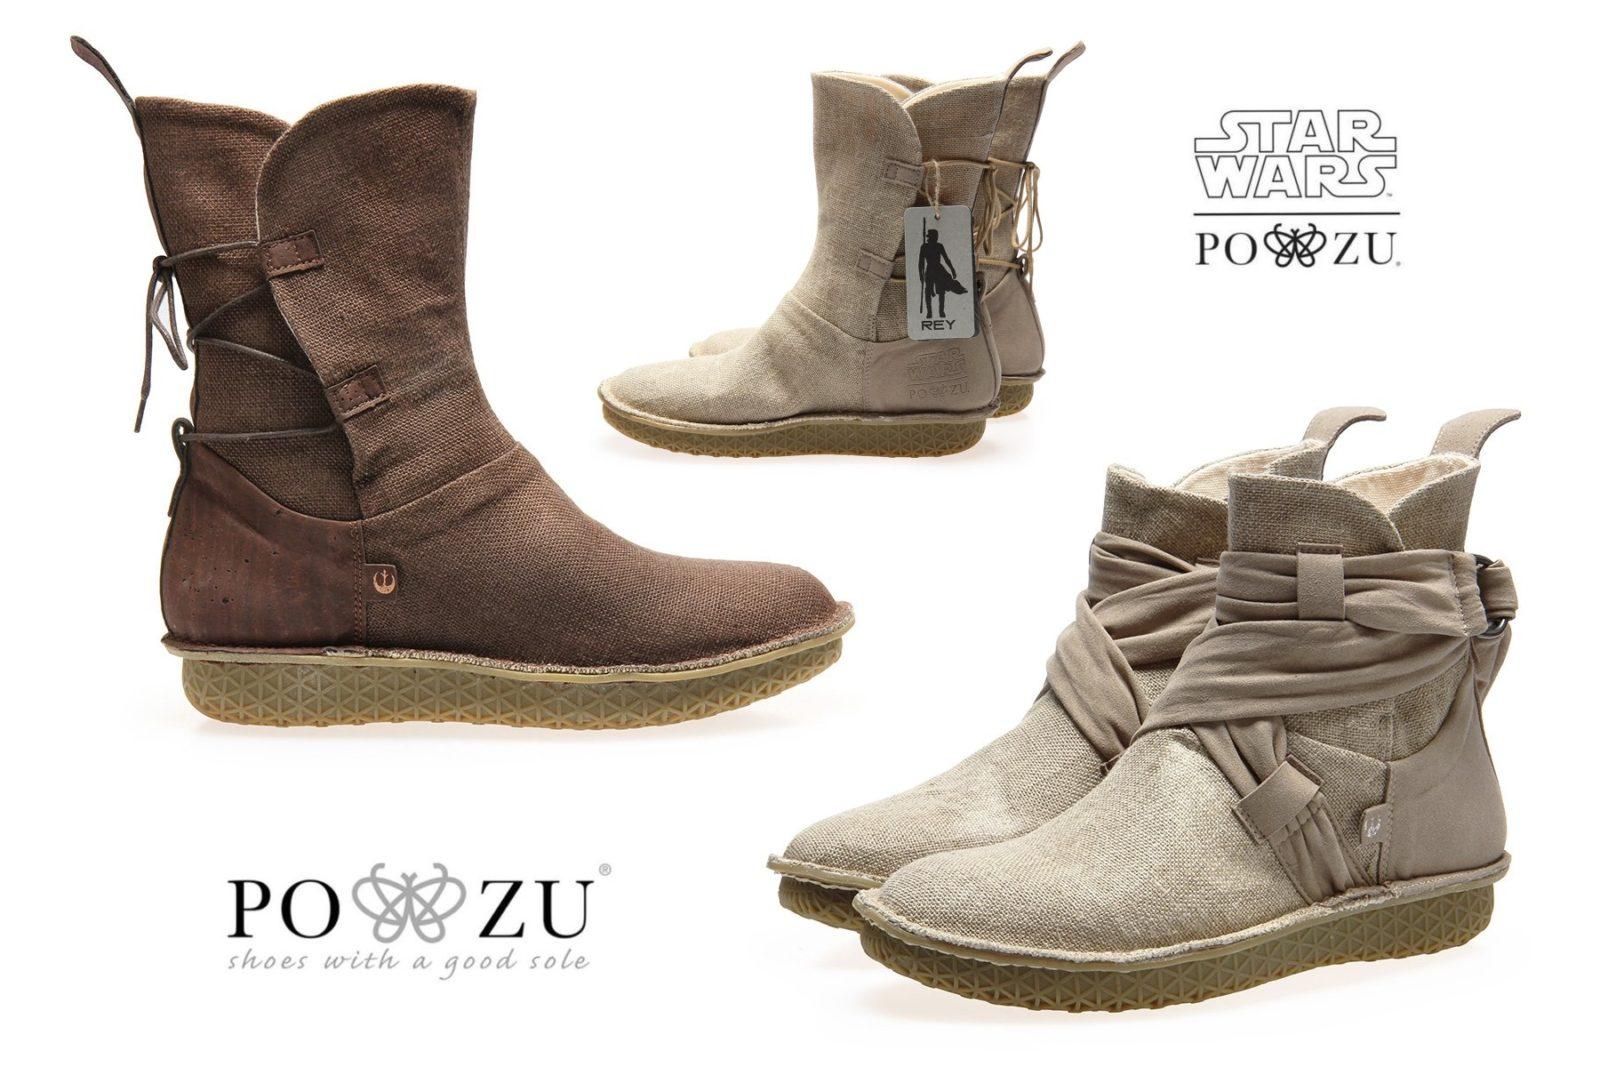 New Po-Zu Star Wars Rey Boot Collection